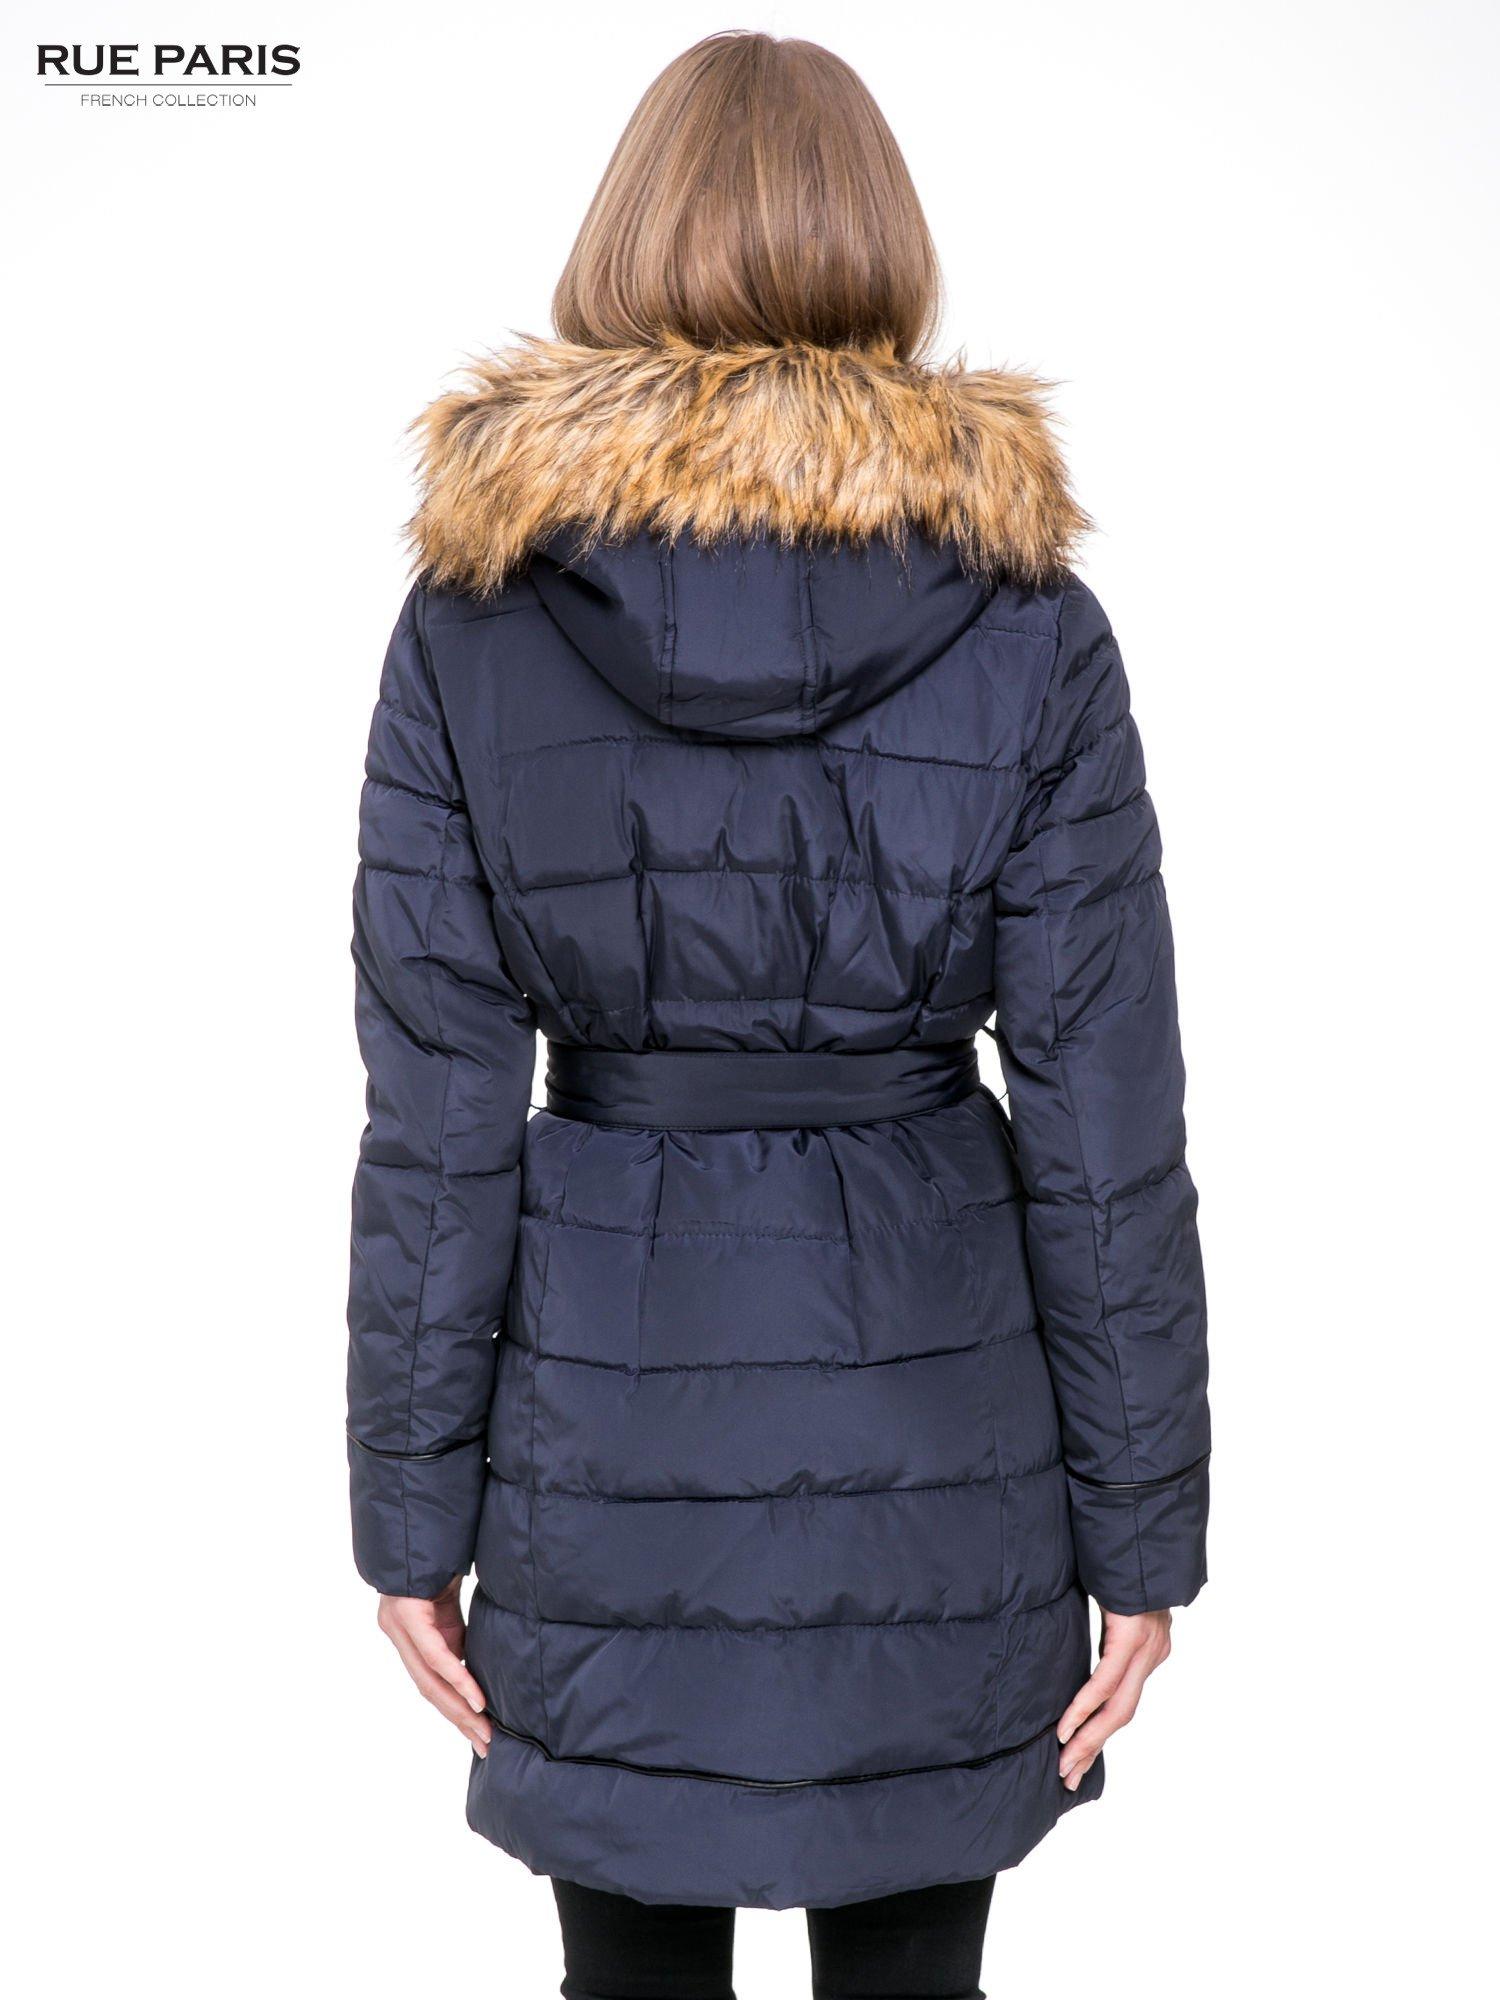 Granatowy taliowany płaszcz puchowy z kapturem z futerkiem                                  zdj.                                  4